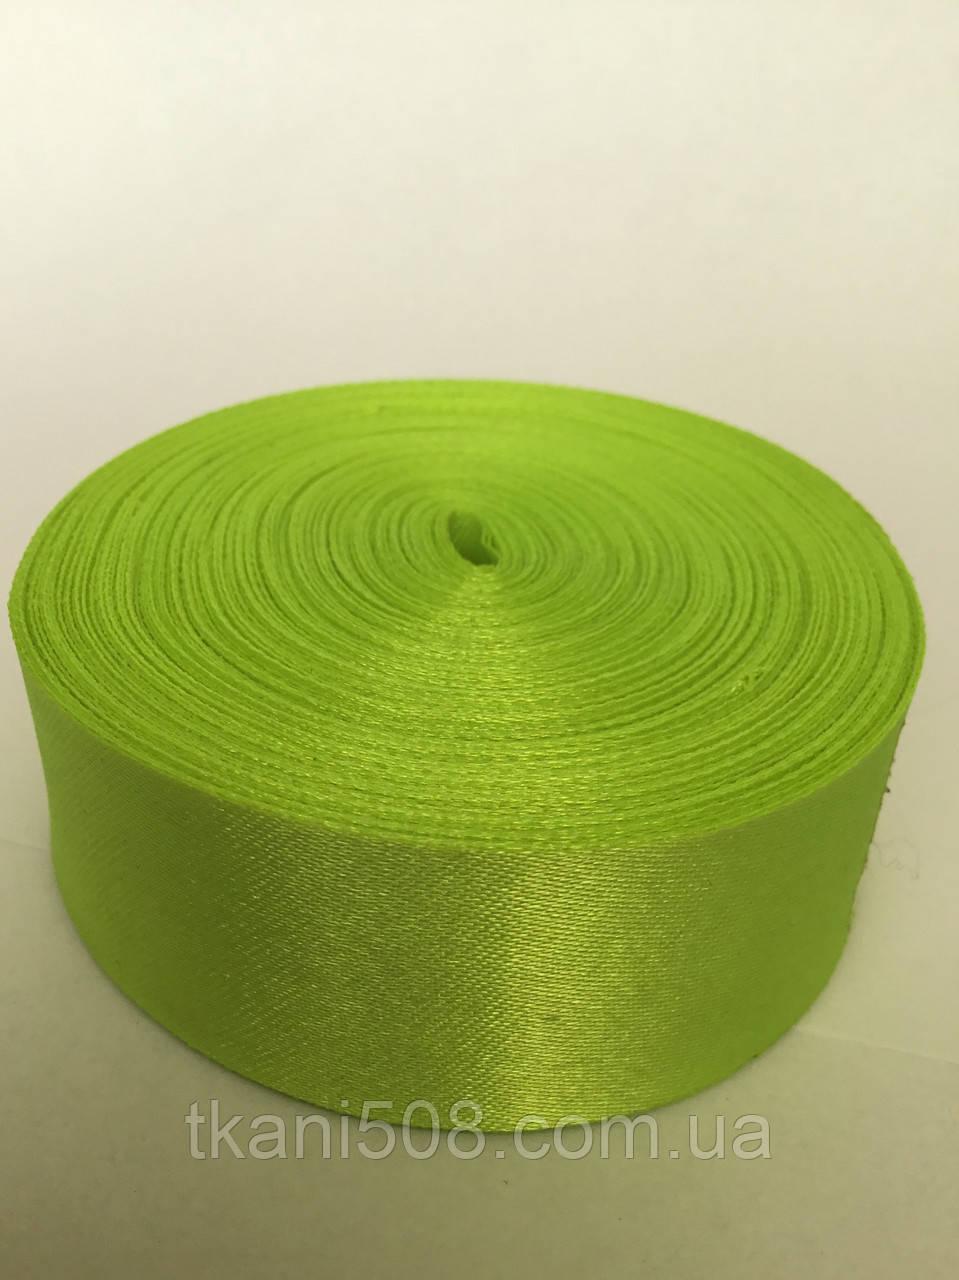 Стрічка 5 см - колір салатовий 17